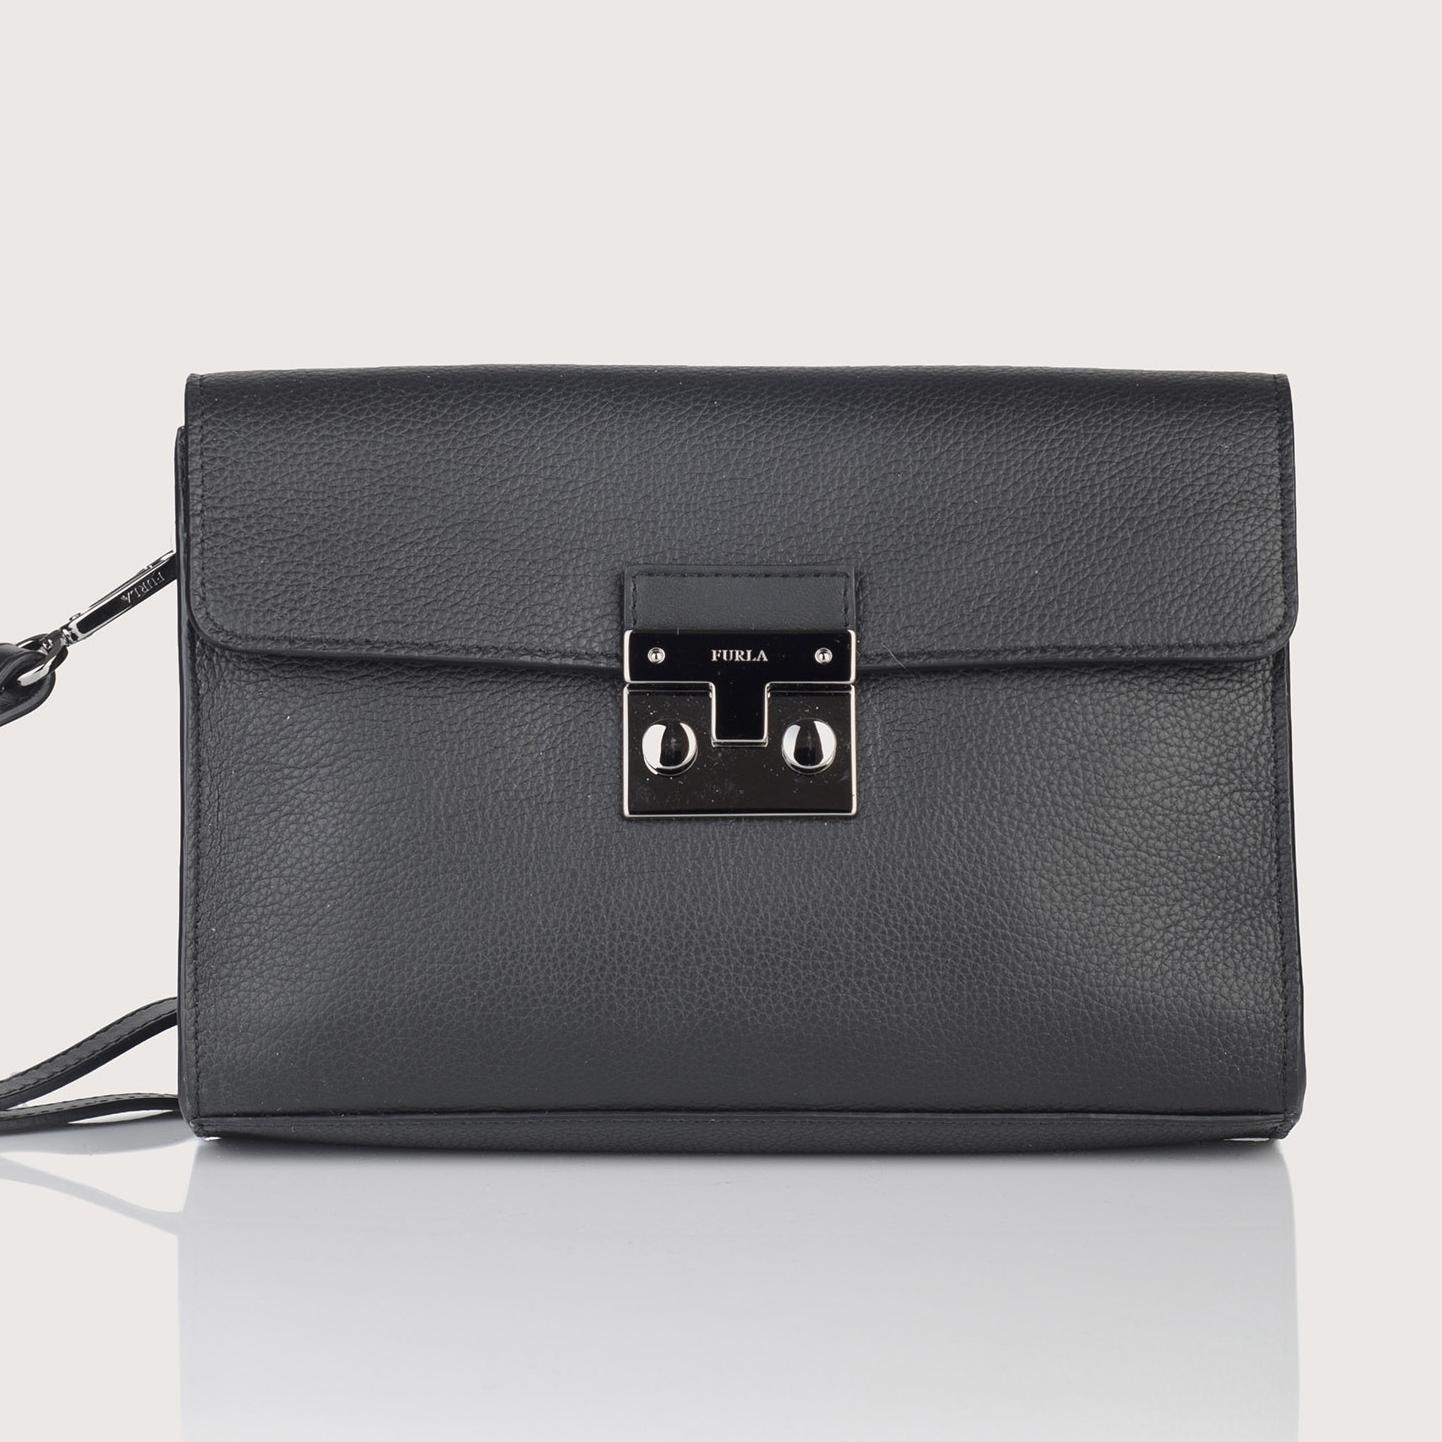 Новая сумка-тоут для мужчин от Фурла: сделайте приятный подарок!